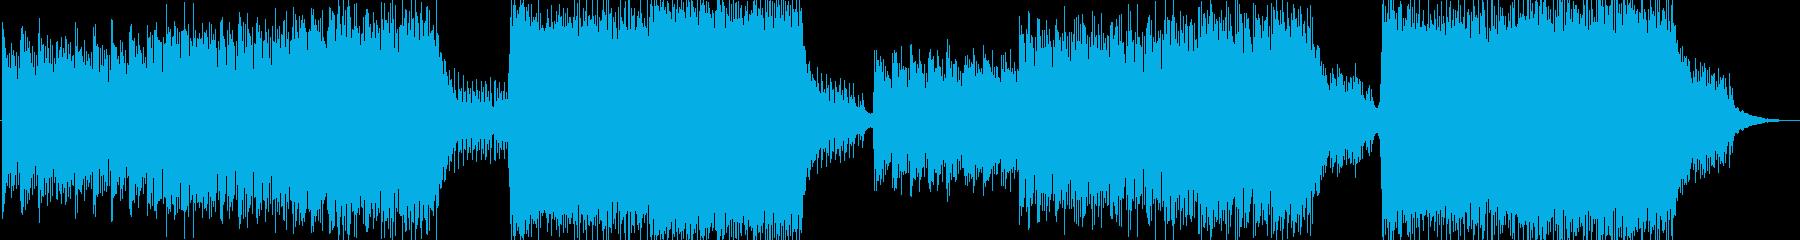 ドラム抜きの再生済みの波形